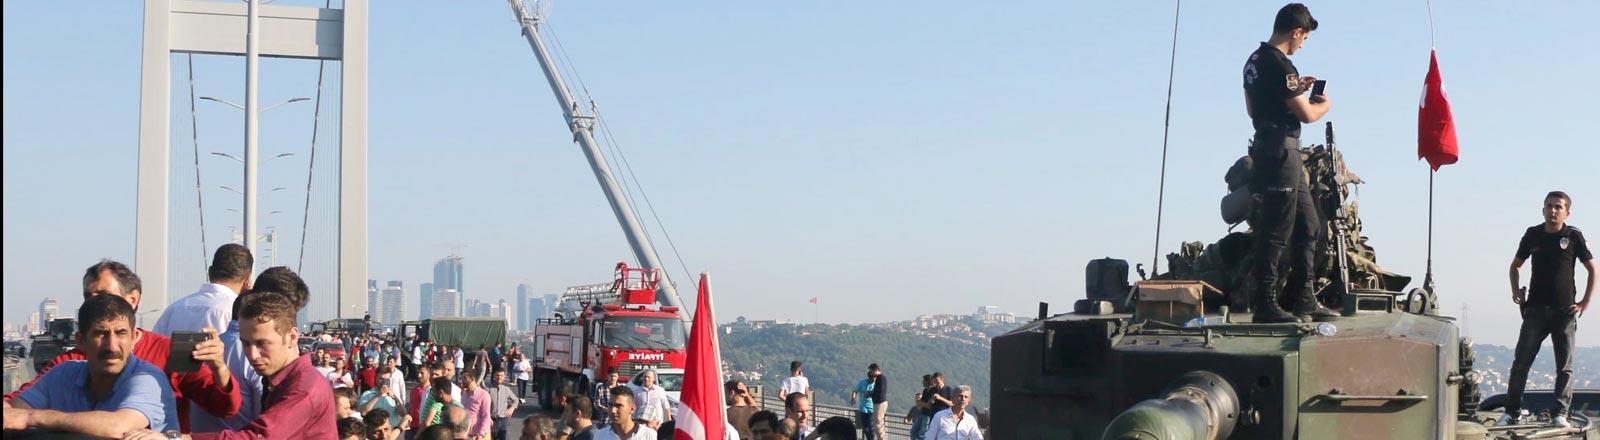 Putschversuch des Militärs in der Türkei 2016.